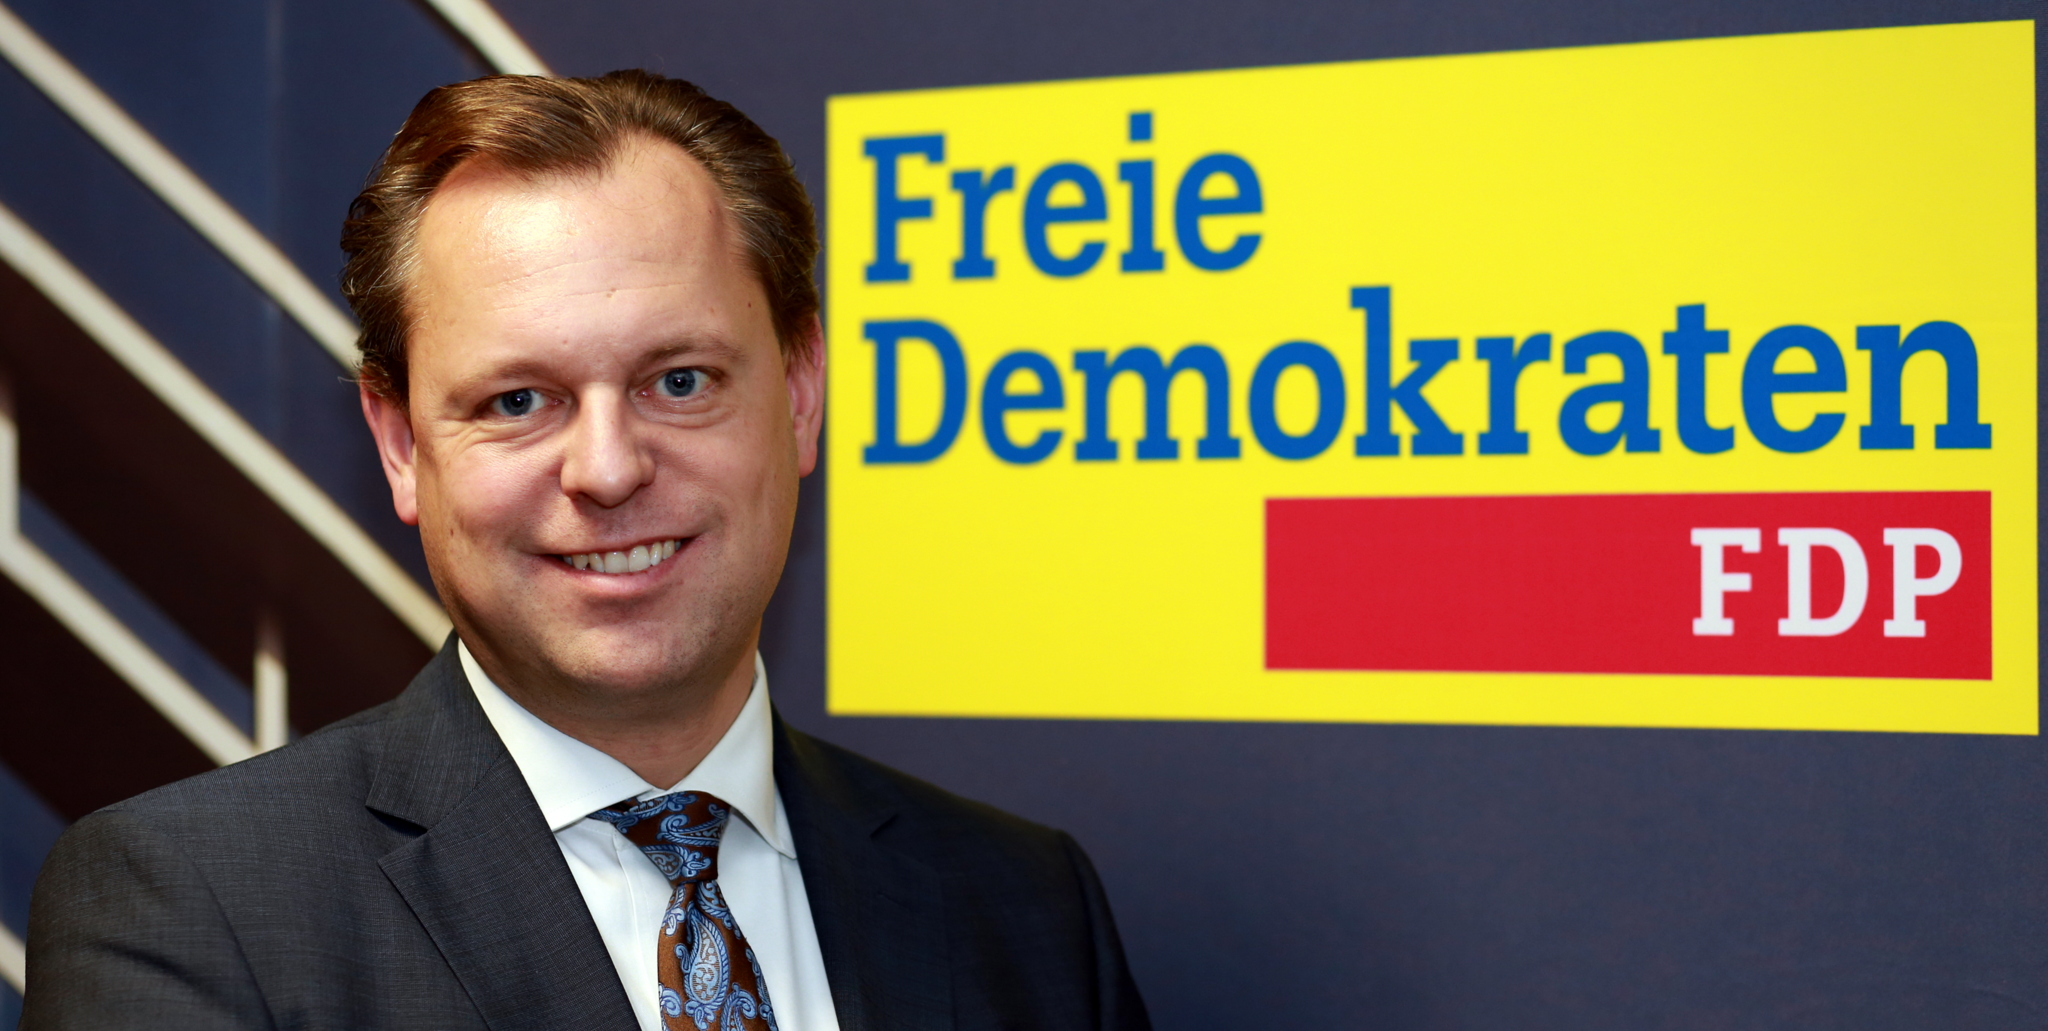 Thilo Seipel, Spitzenkandidat der FDP Neu-Isenburg zur Kommunalwahl am 06. März 2016